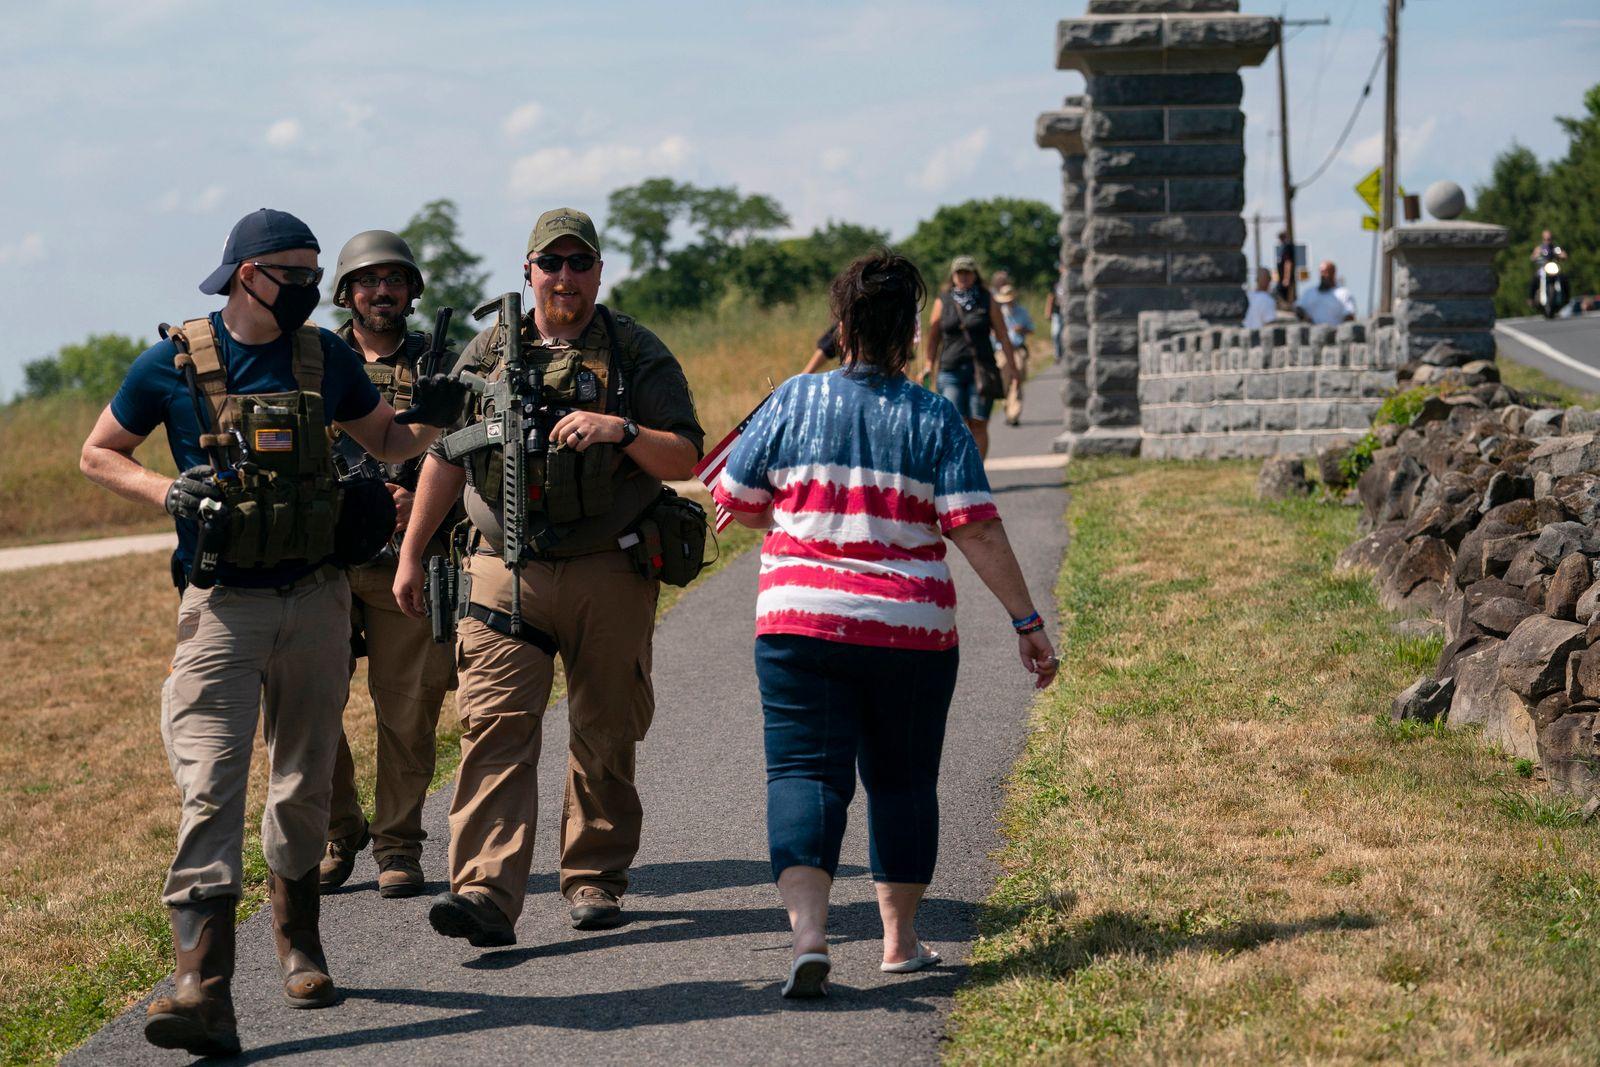 Gettysburg Fourth of July